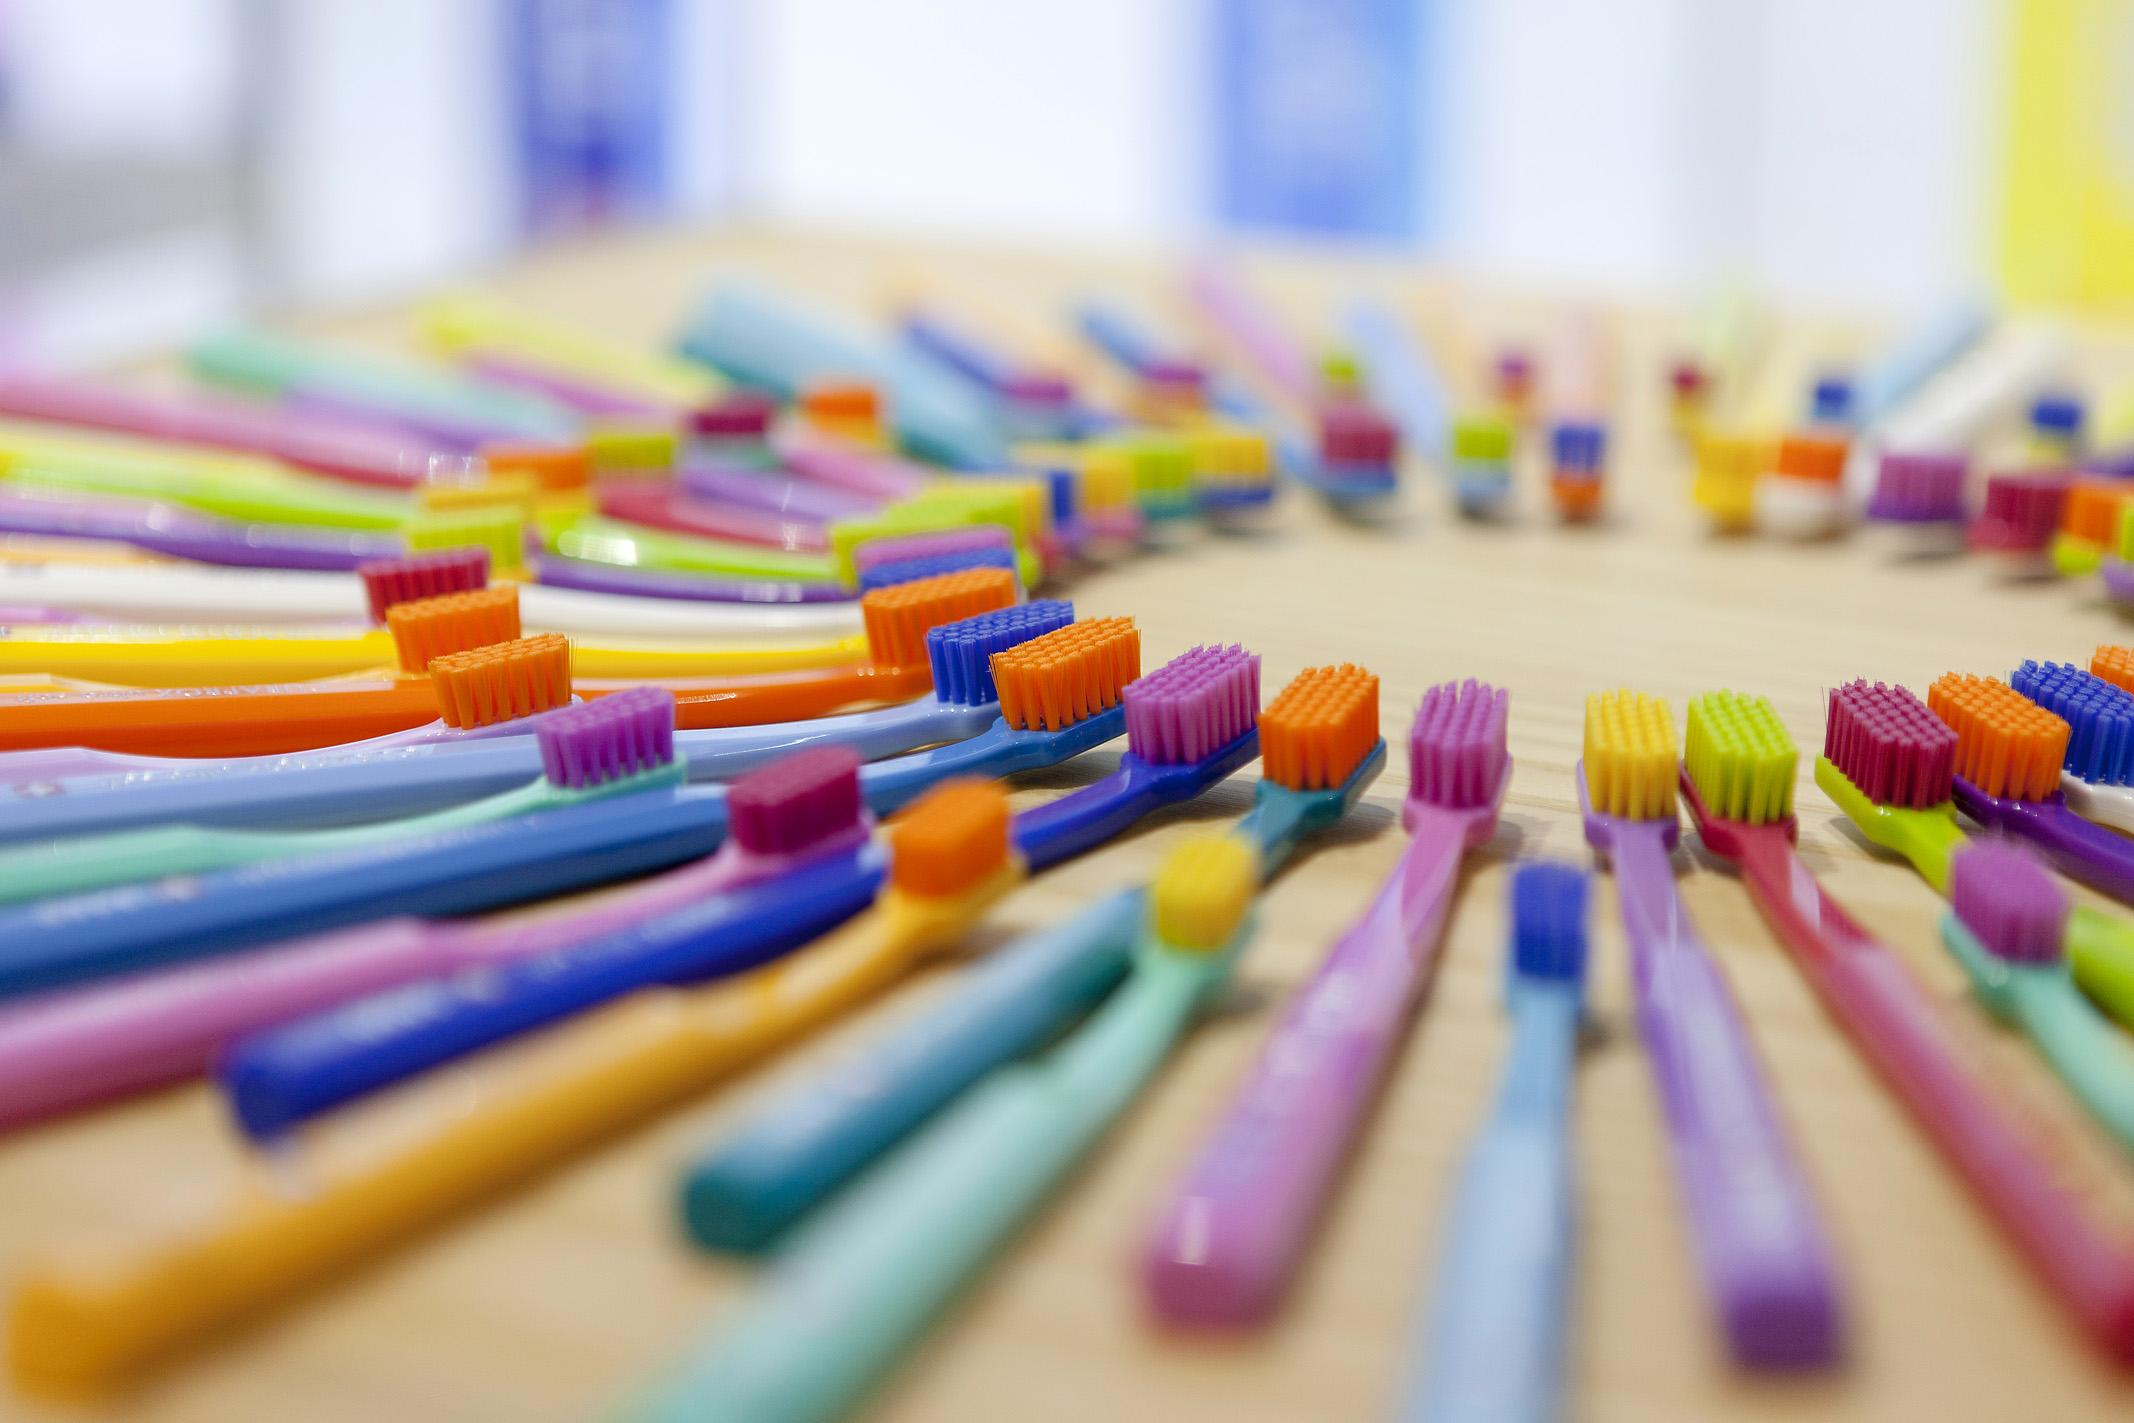 5 зубных щеток: как выбрать, характеристики, плюсы и минусы